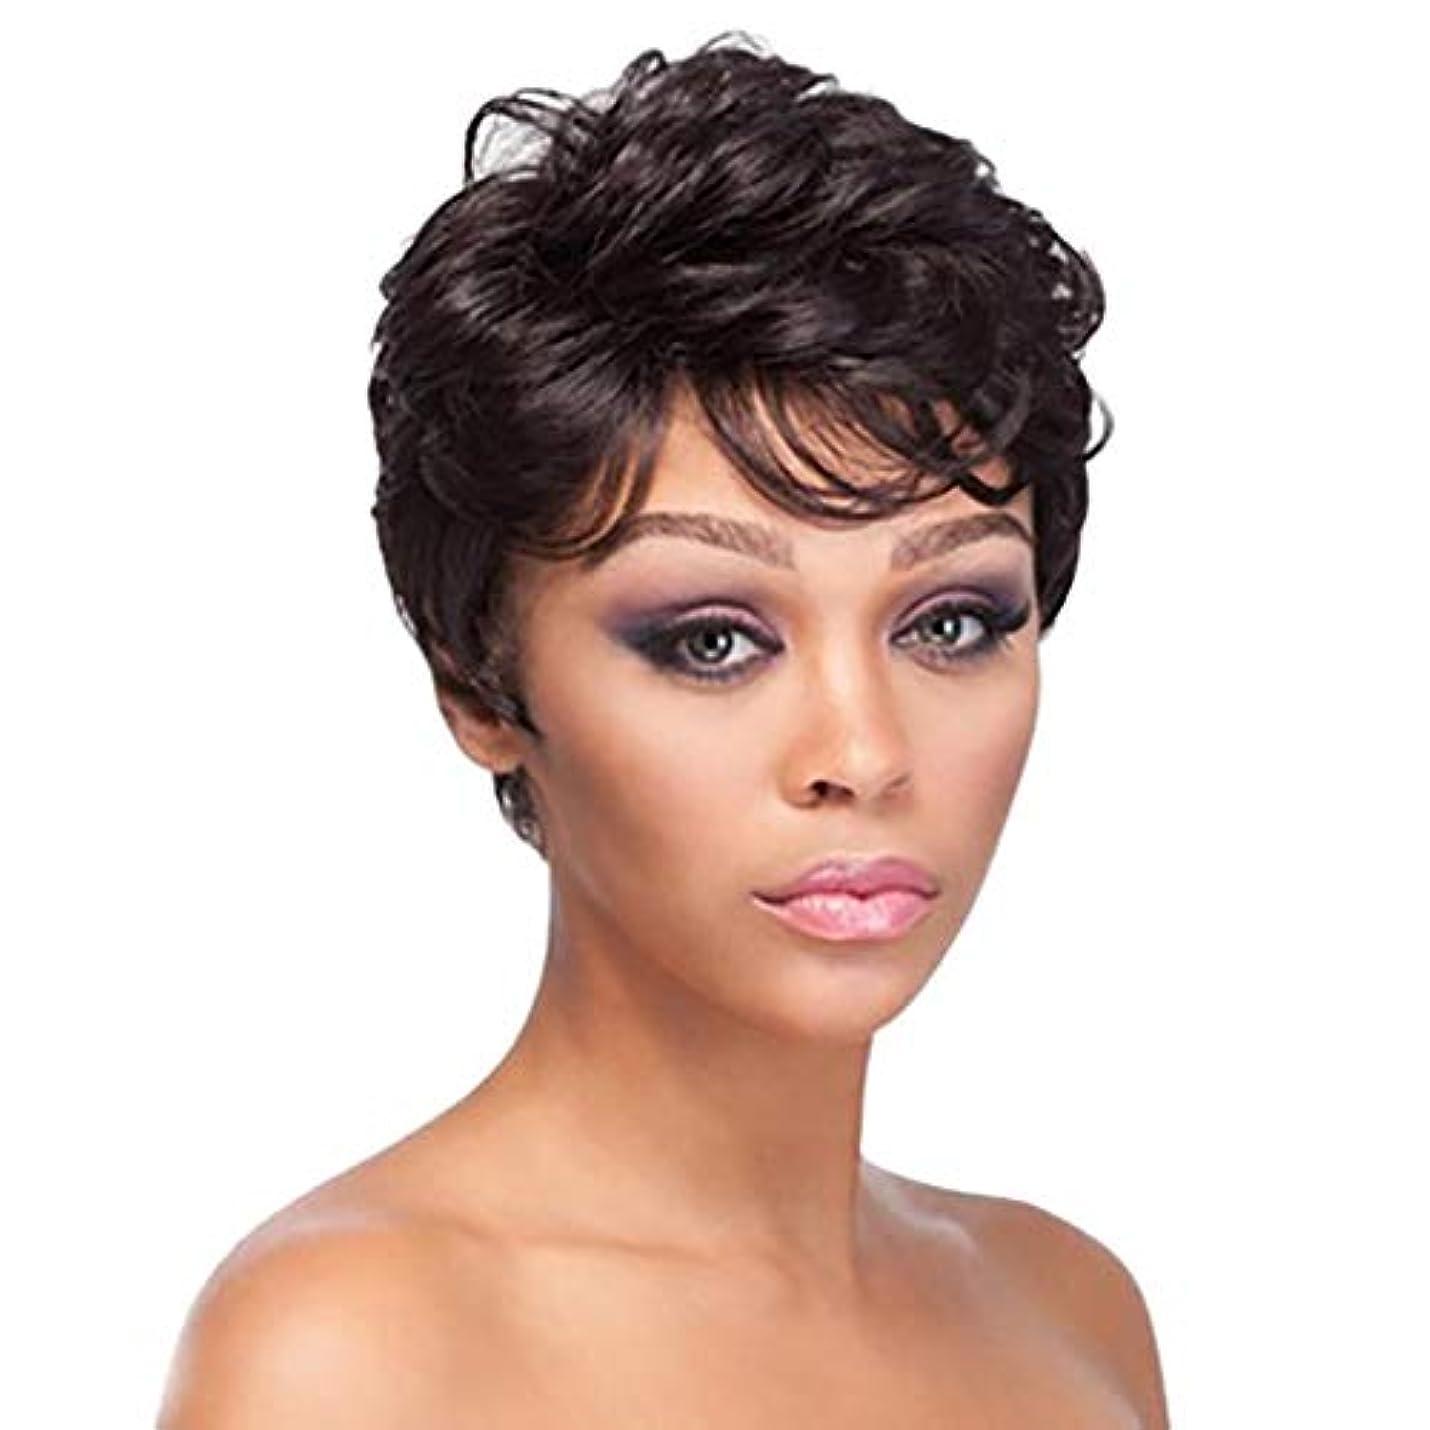 ガジュマル給料奇妙なかつら短い巻き毛ふわふわ天然化学繊維ウィッグローズヘアネット10CM